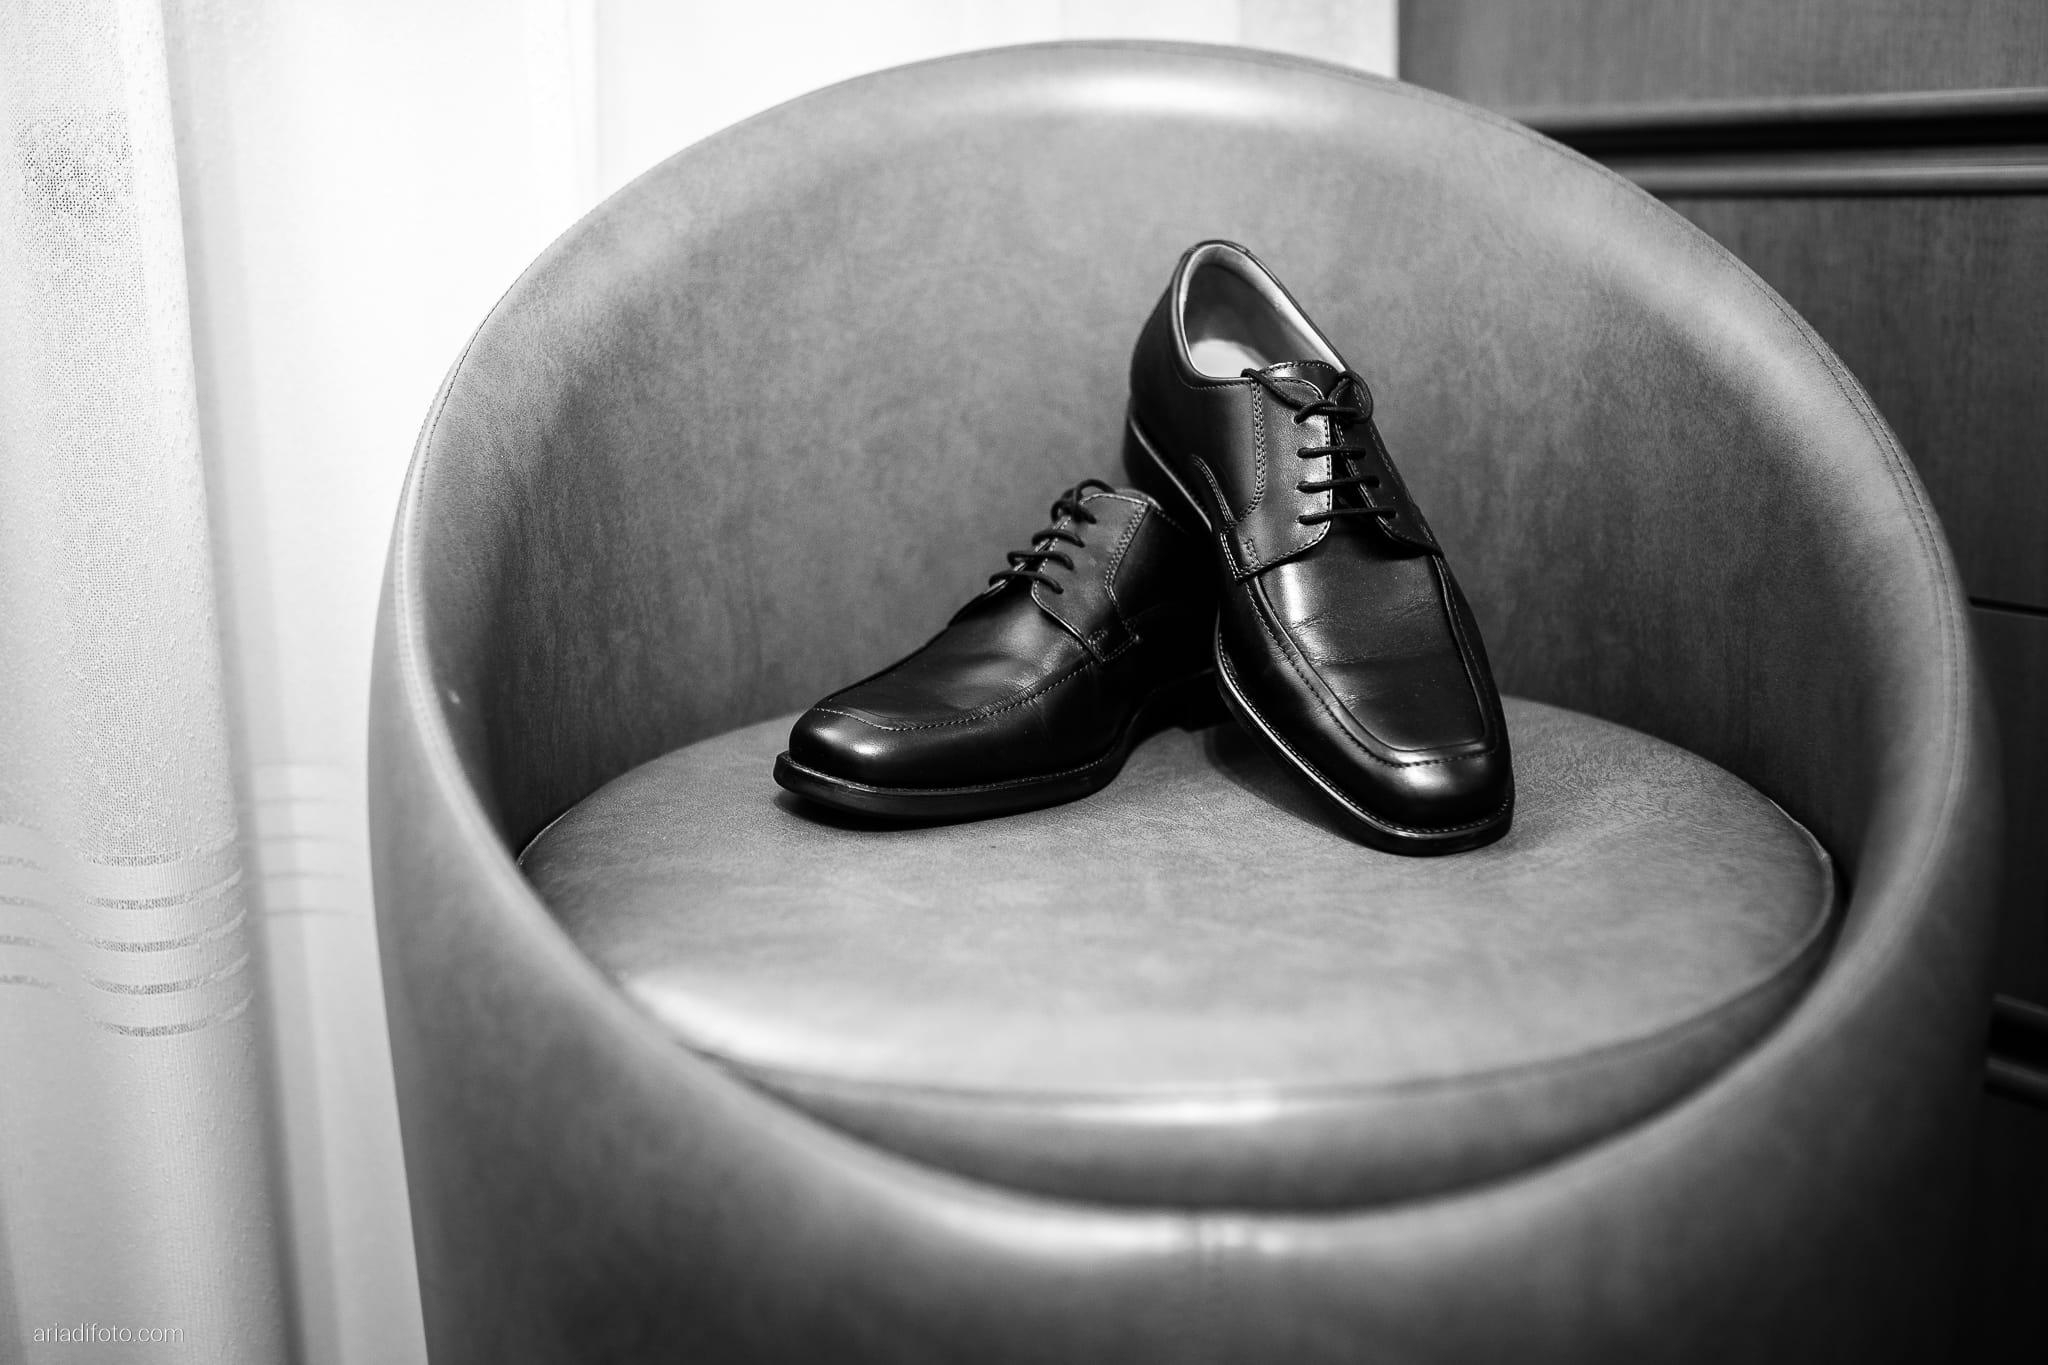 Eleonora Elia Matrimonio Tarcento Udine Baronesse Tacco Gorizia preparativi dettagli scarpe